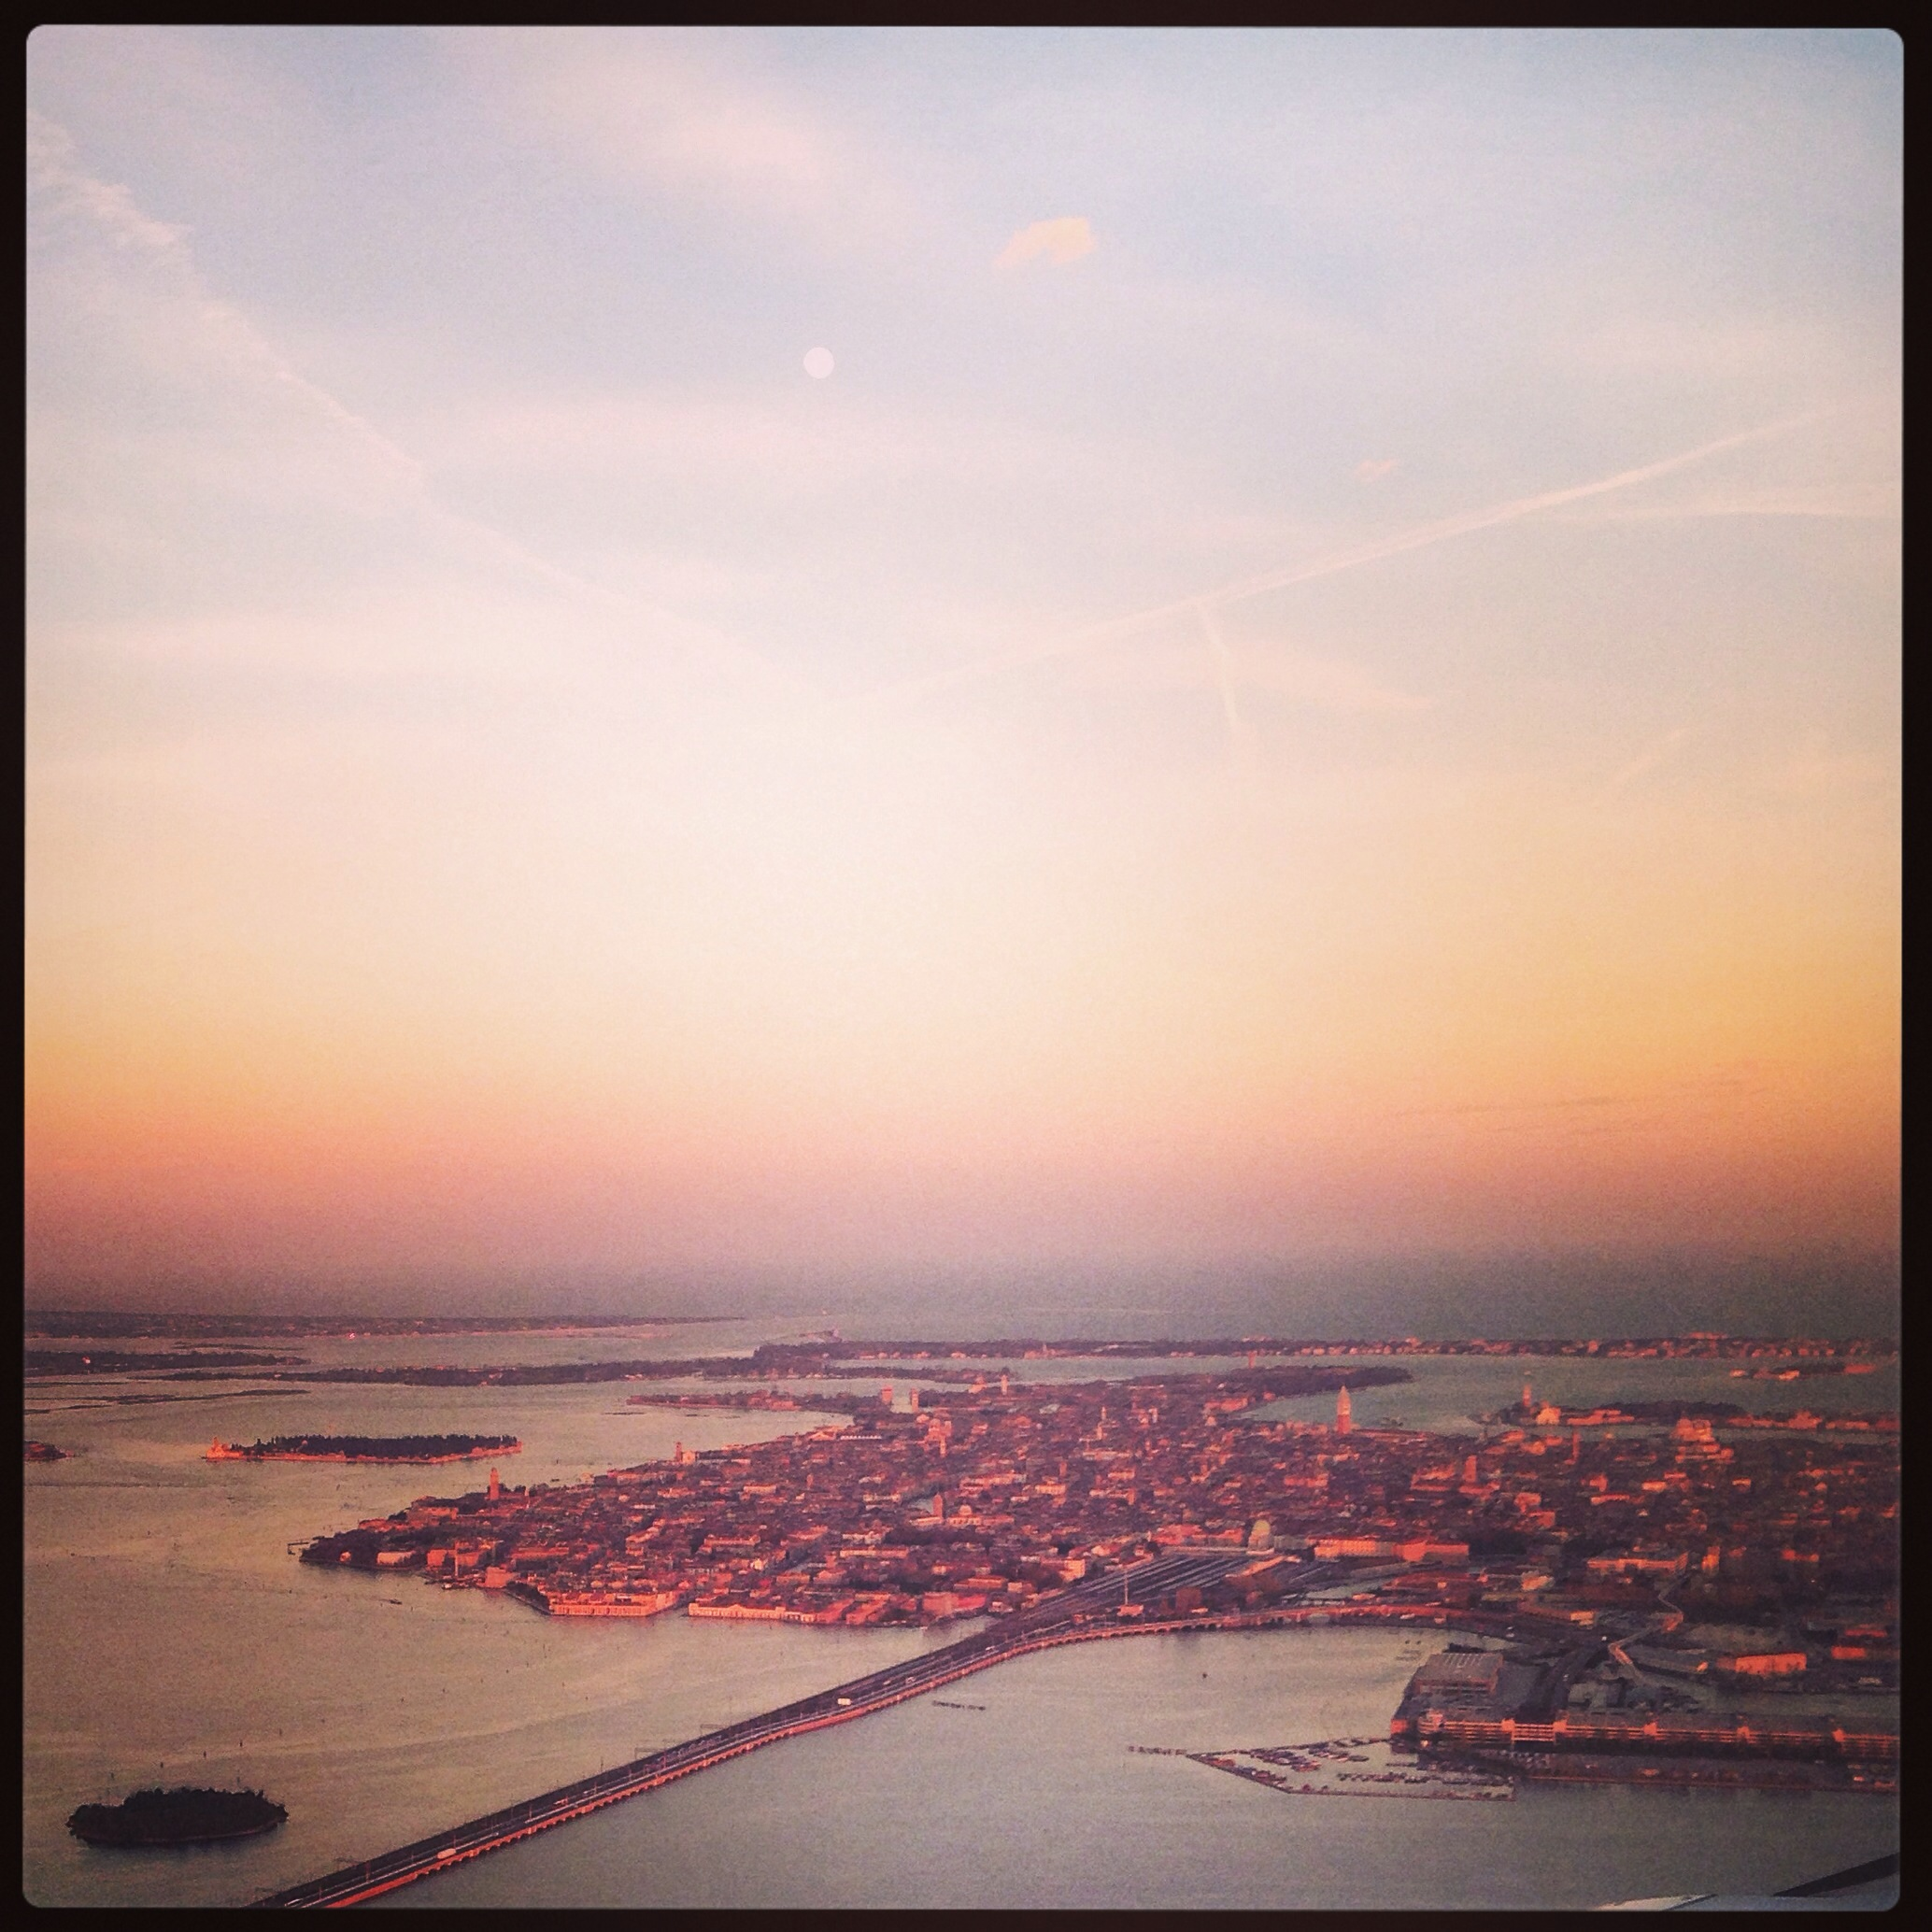 L'arrivée à Venise en fin de journée un moment magnifique